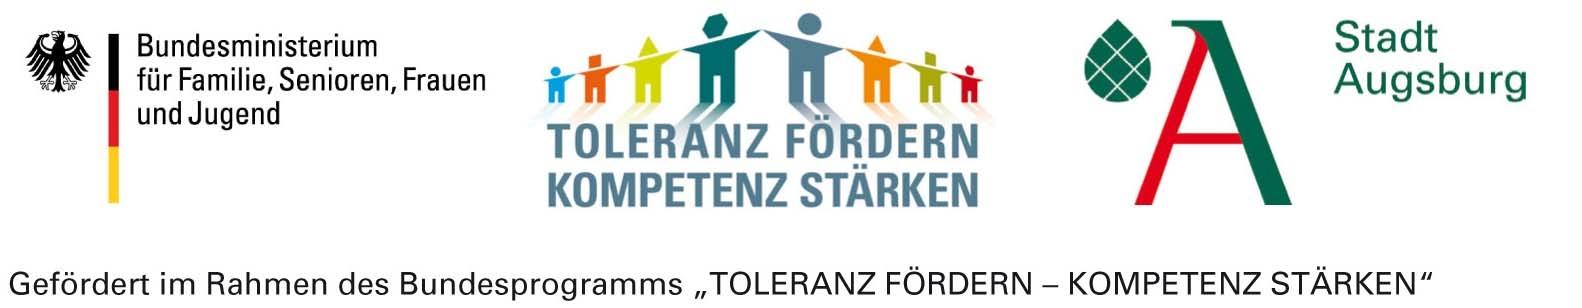 Logo Toleranz fördern Kompetenz stärken